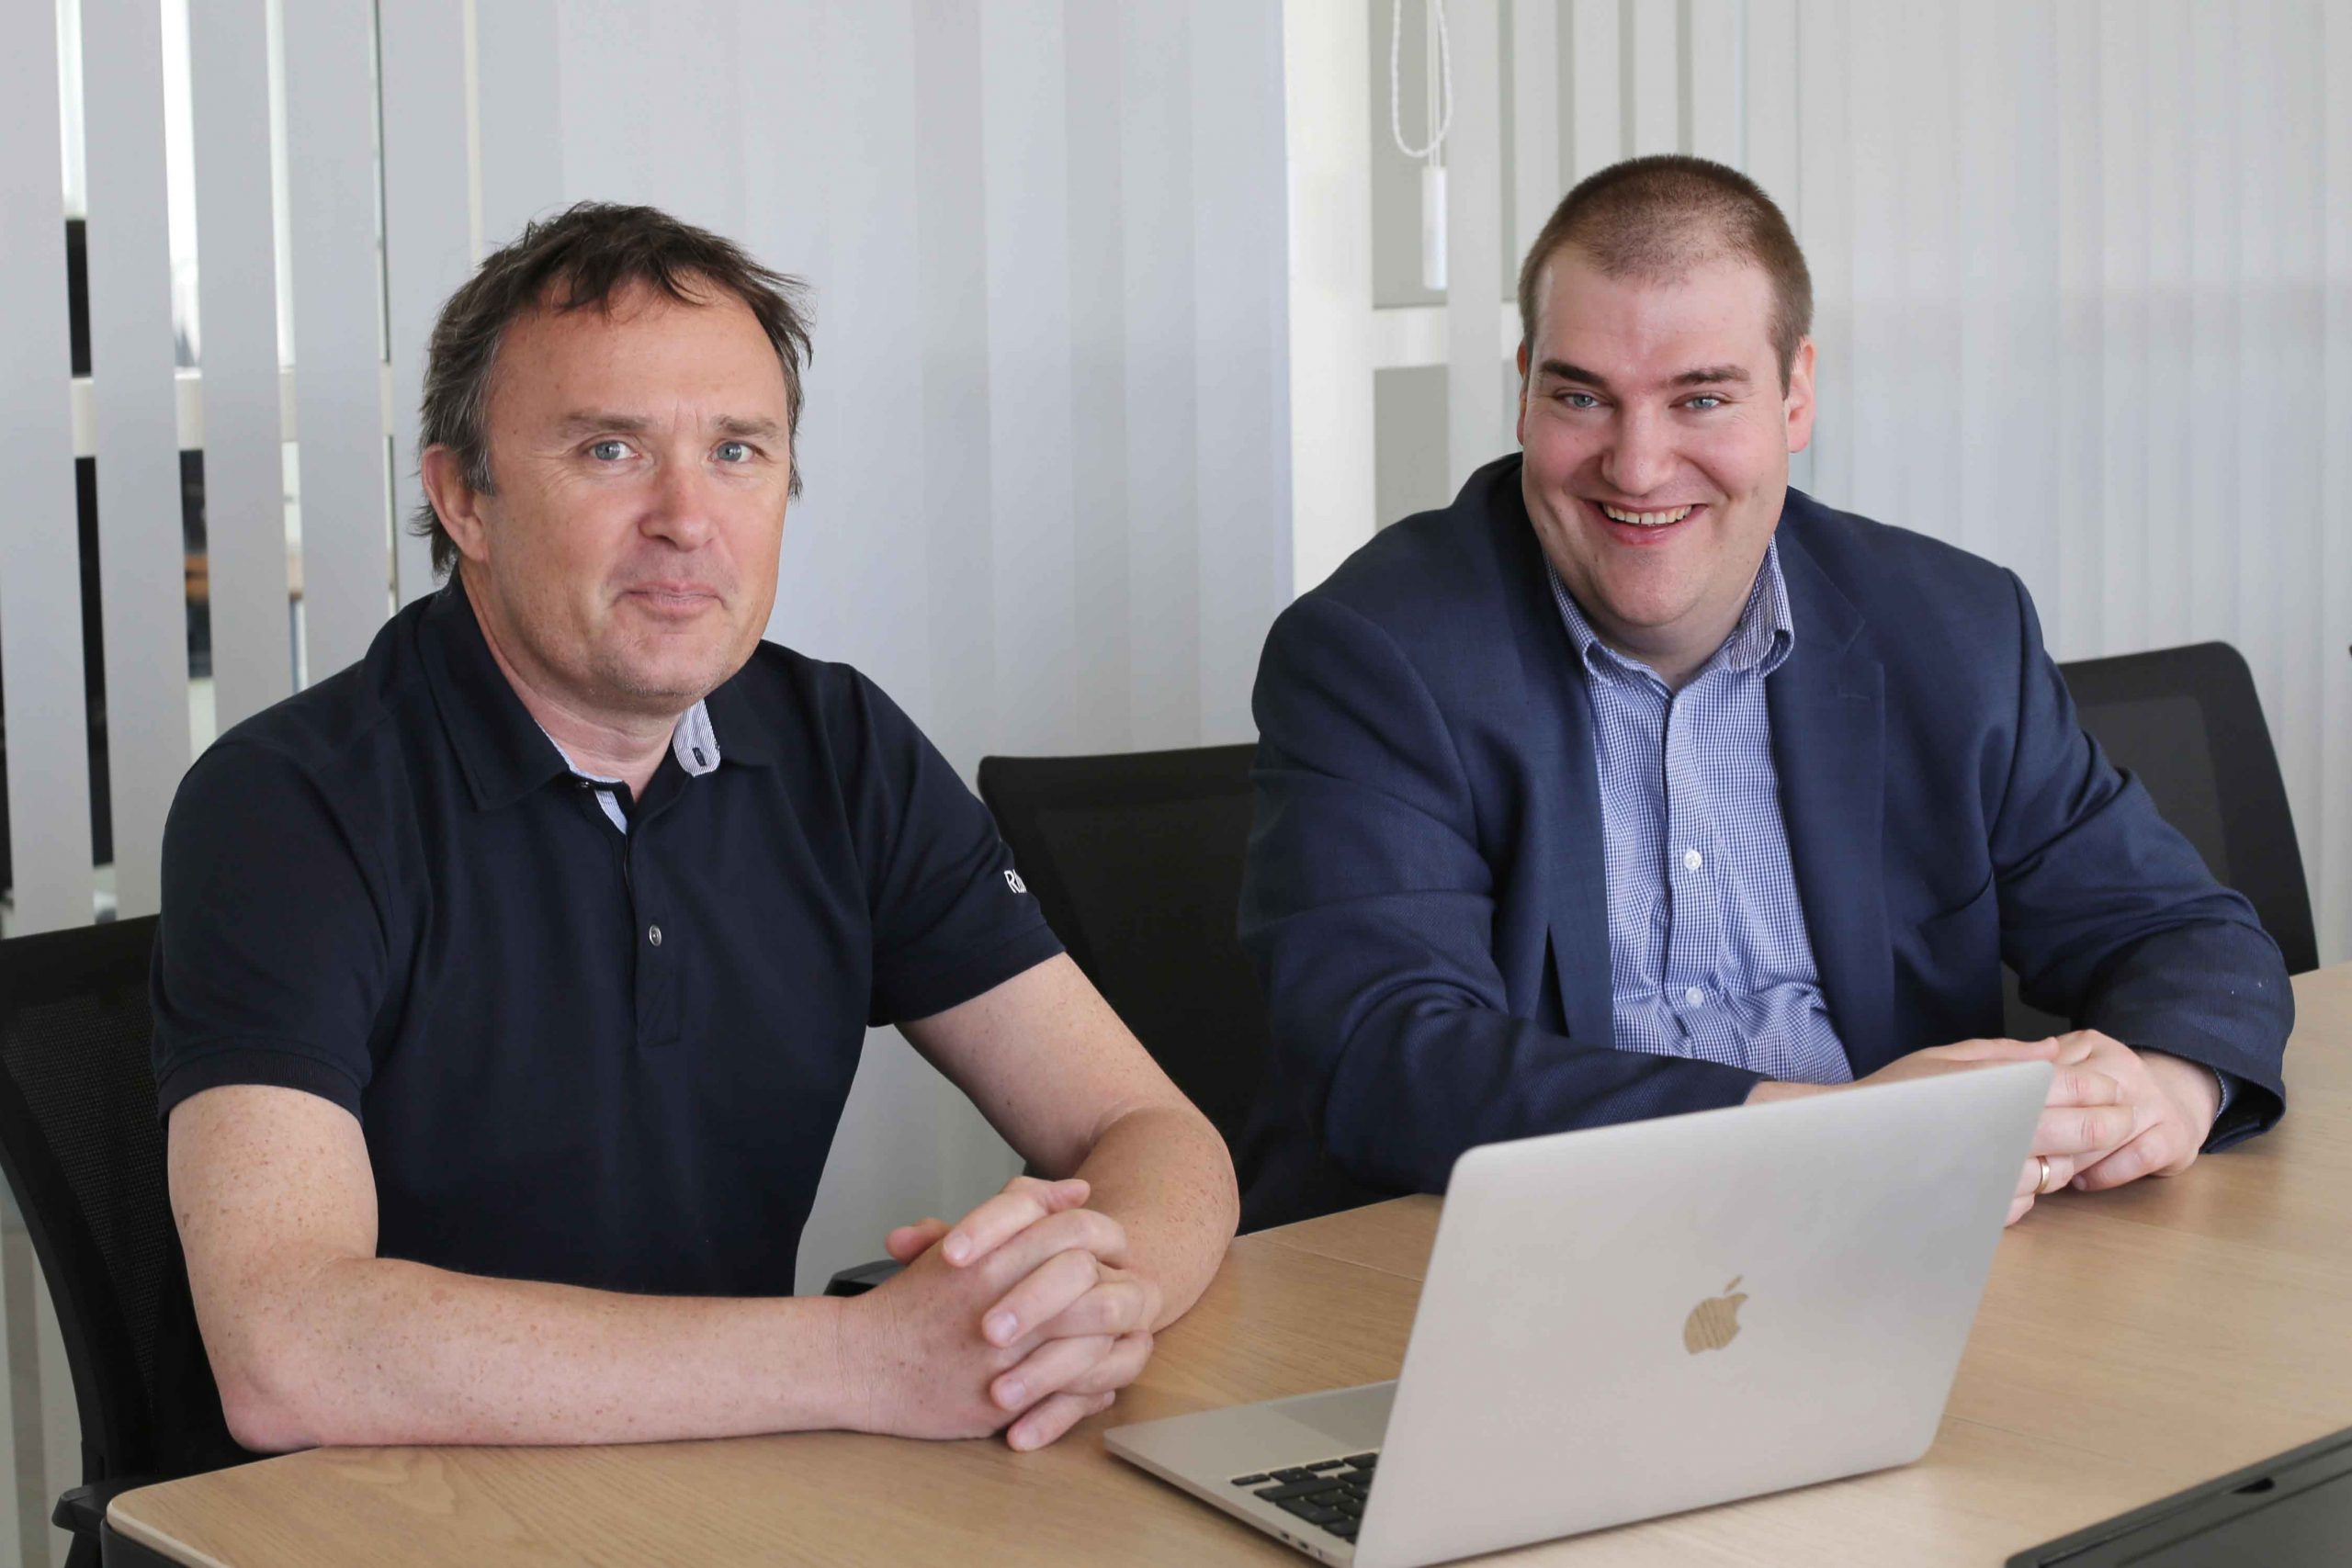 Nyt samarbejde skal booste sensor-baseret, intelligent rengøring